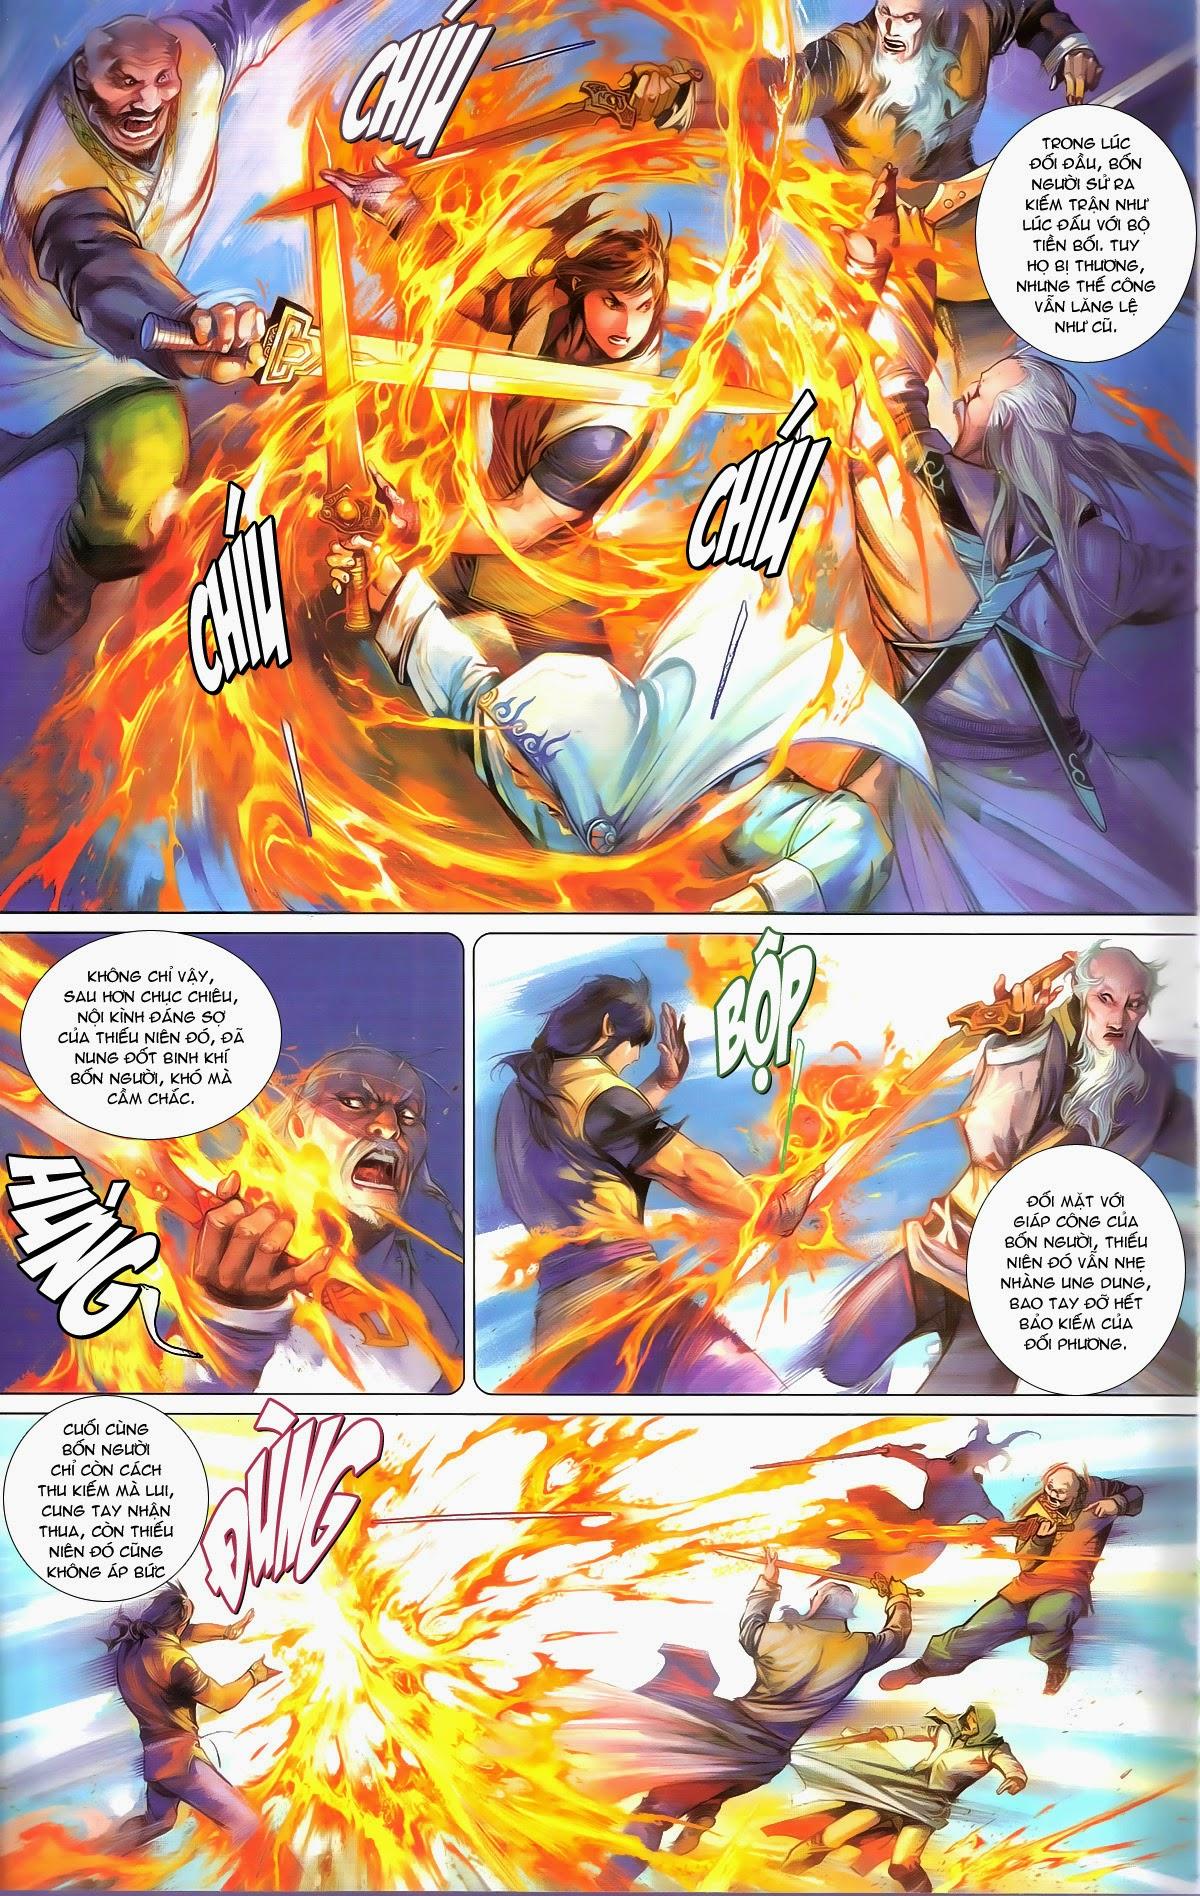 Phong Vân chap 674 – End Trang 13 - Mangak.info